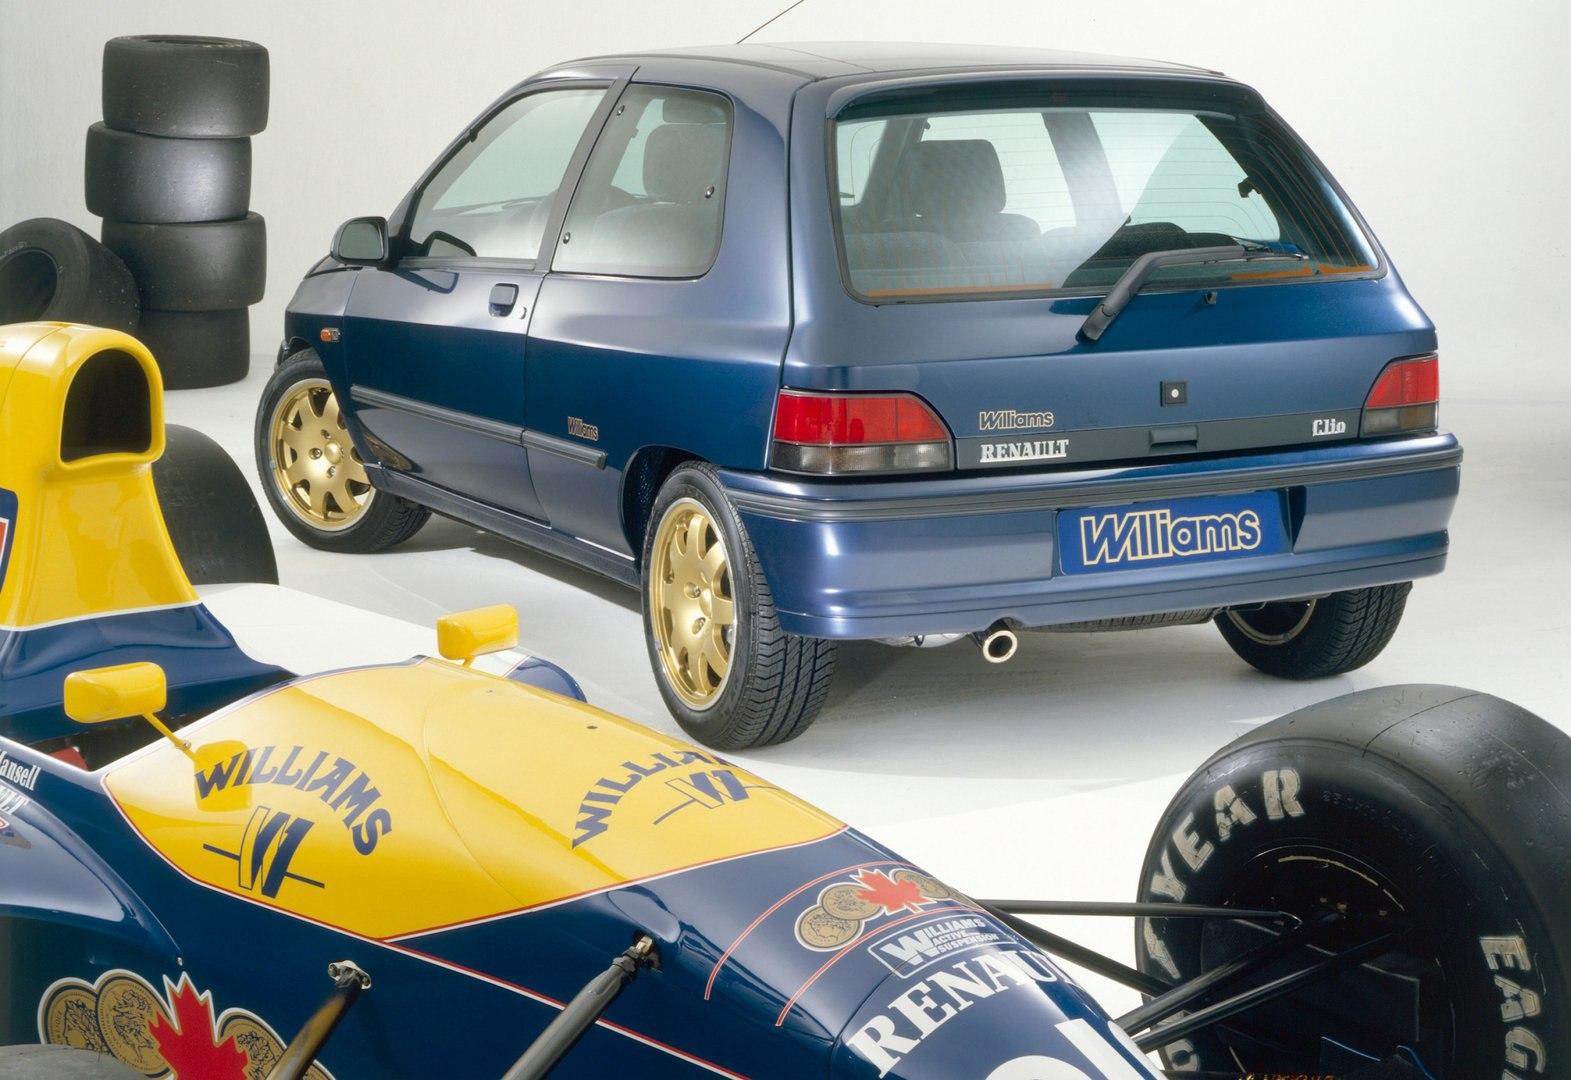 Renault Clio Williams 3